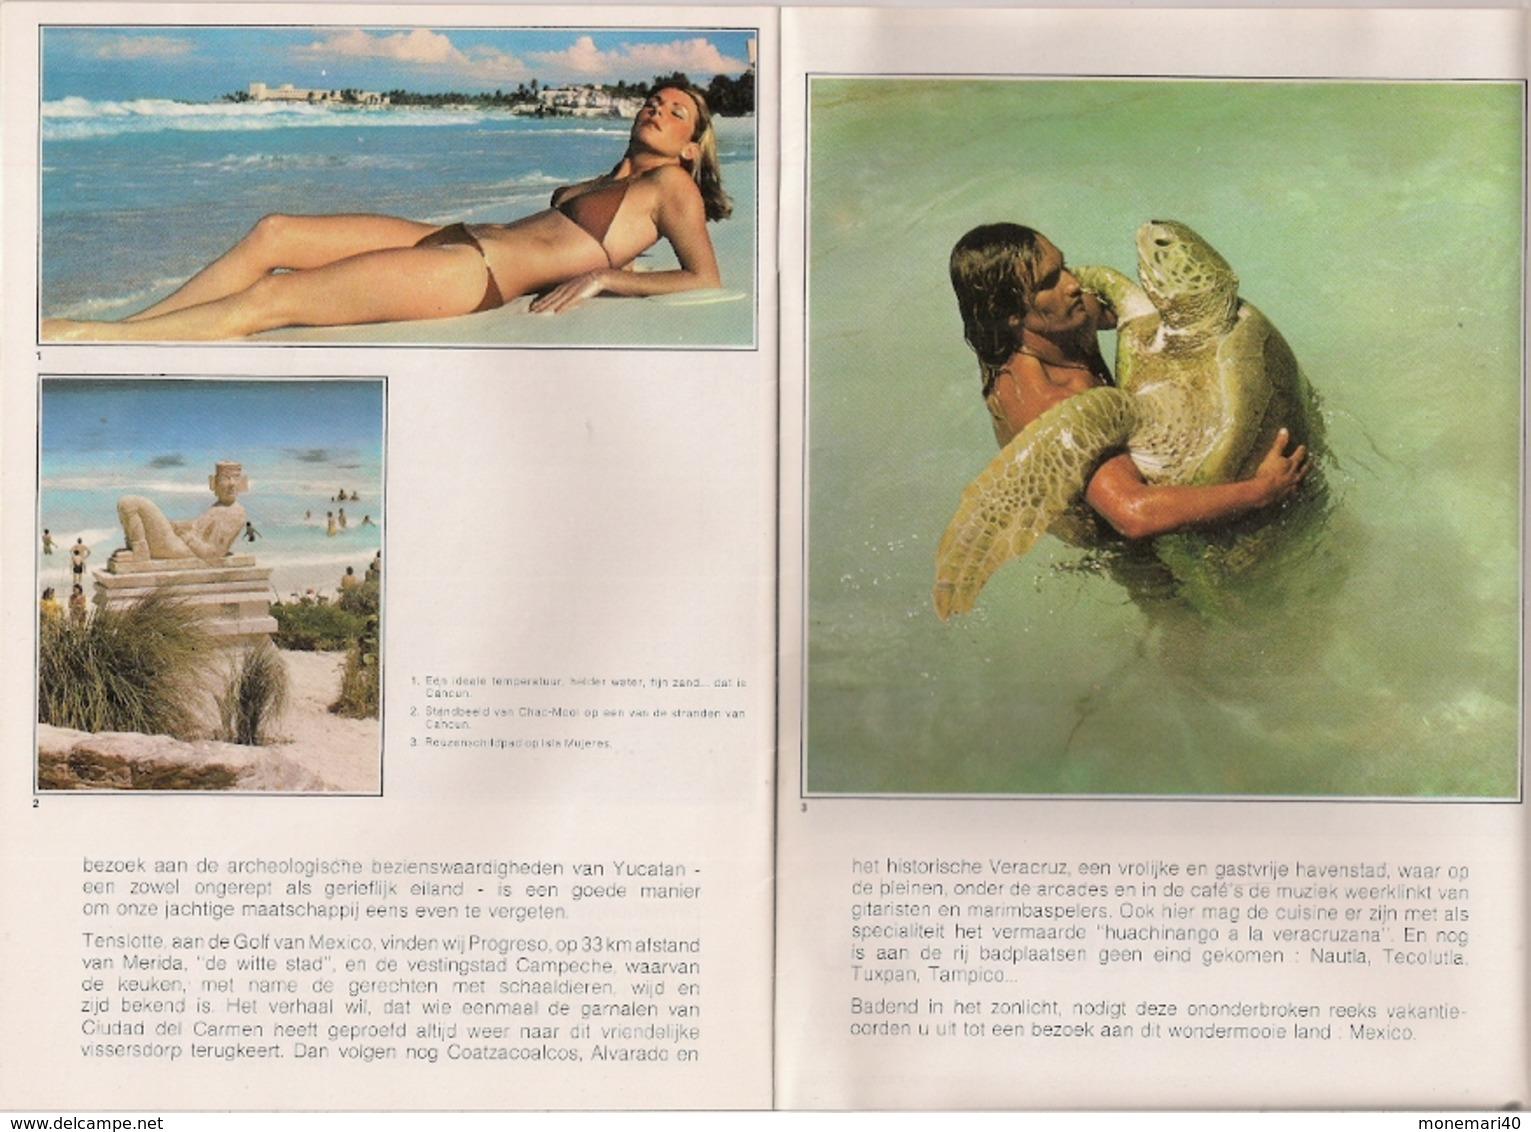 AMÉRIQUE DU NORD - MEXIQUE - PLAGES (STRANDEN) - Praktisch